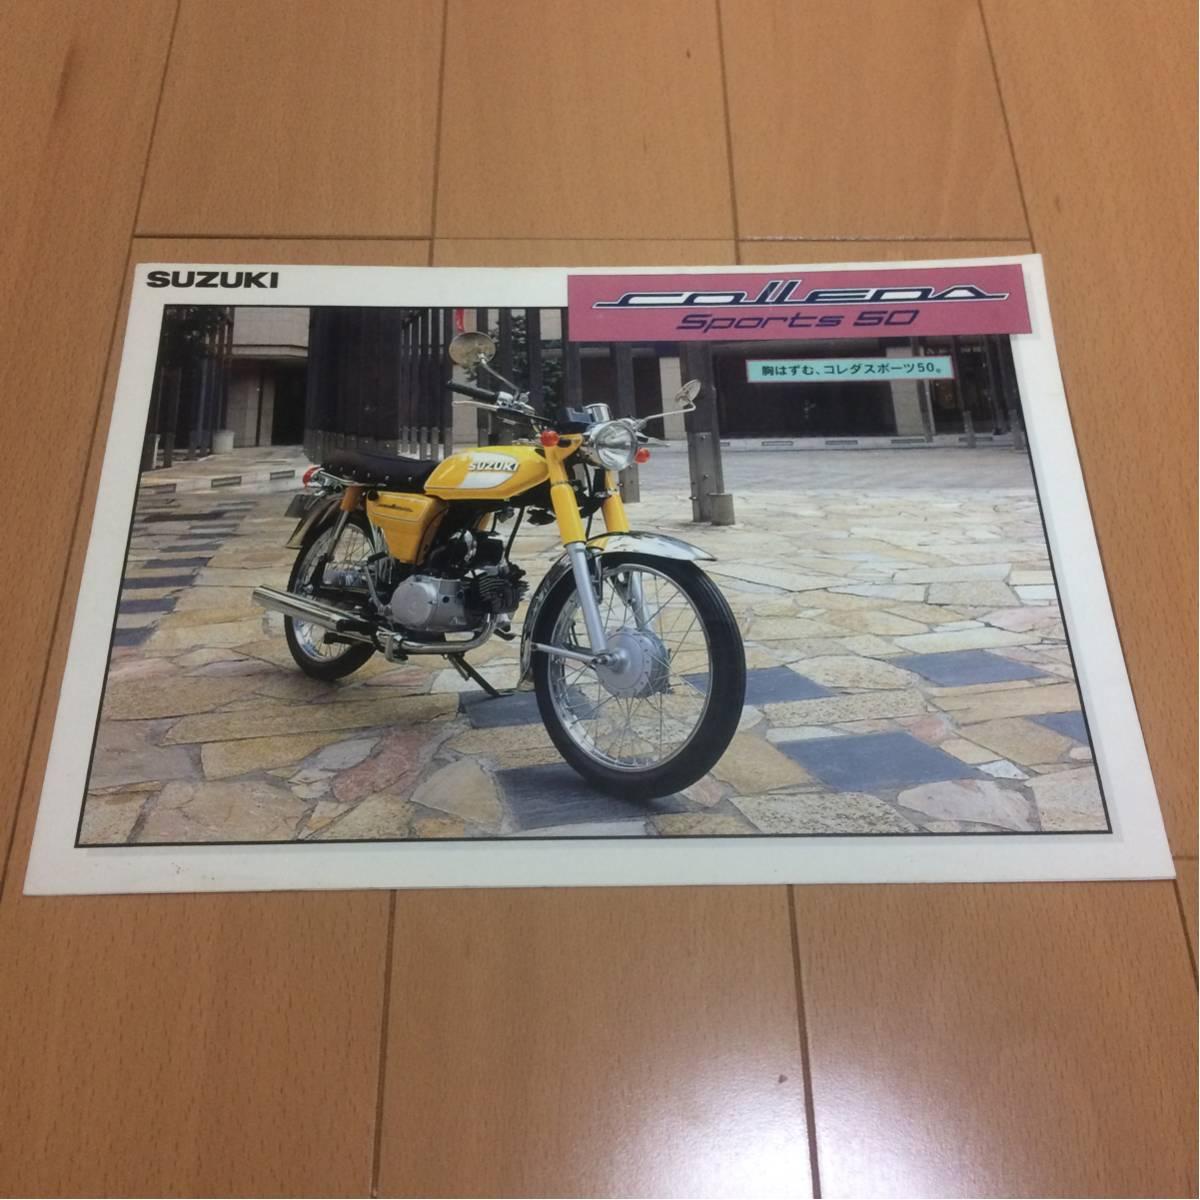 旧車カタログ SUZUKI スズキ コレダスポーツ 50 カタログ パンフレット 中古 96年